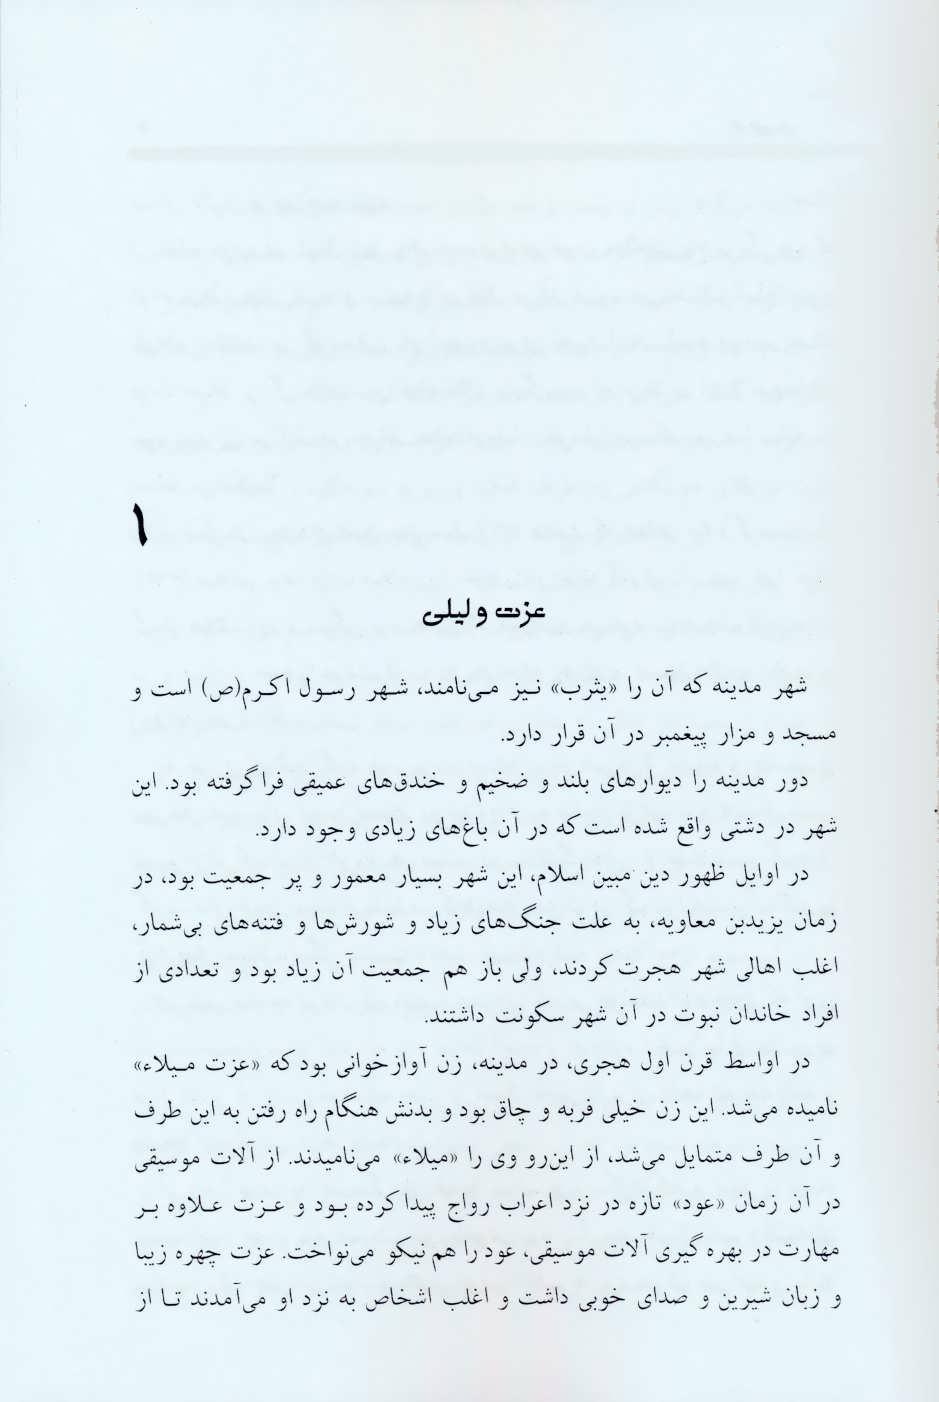 عشق سمیه (حجاج بن یوسف)،(رمان تاریخی)